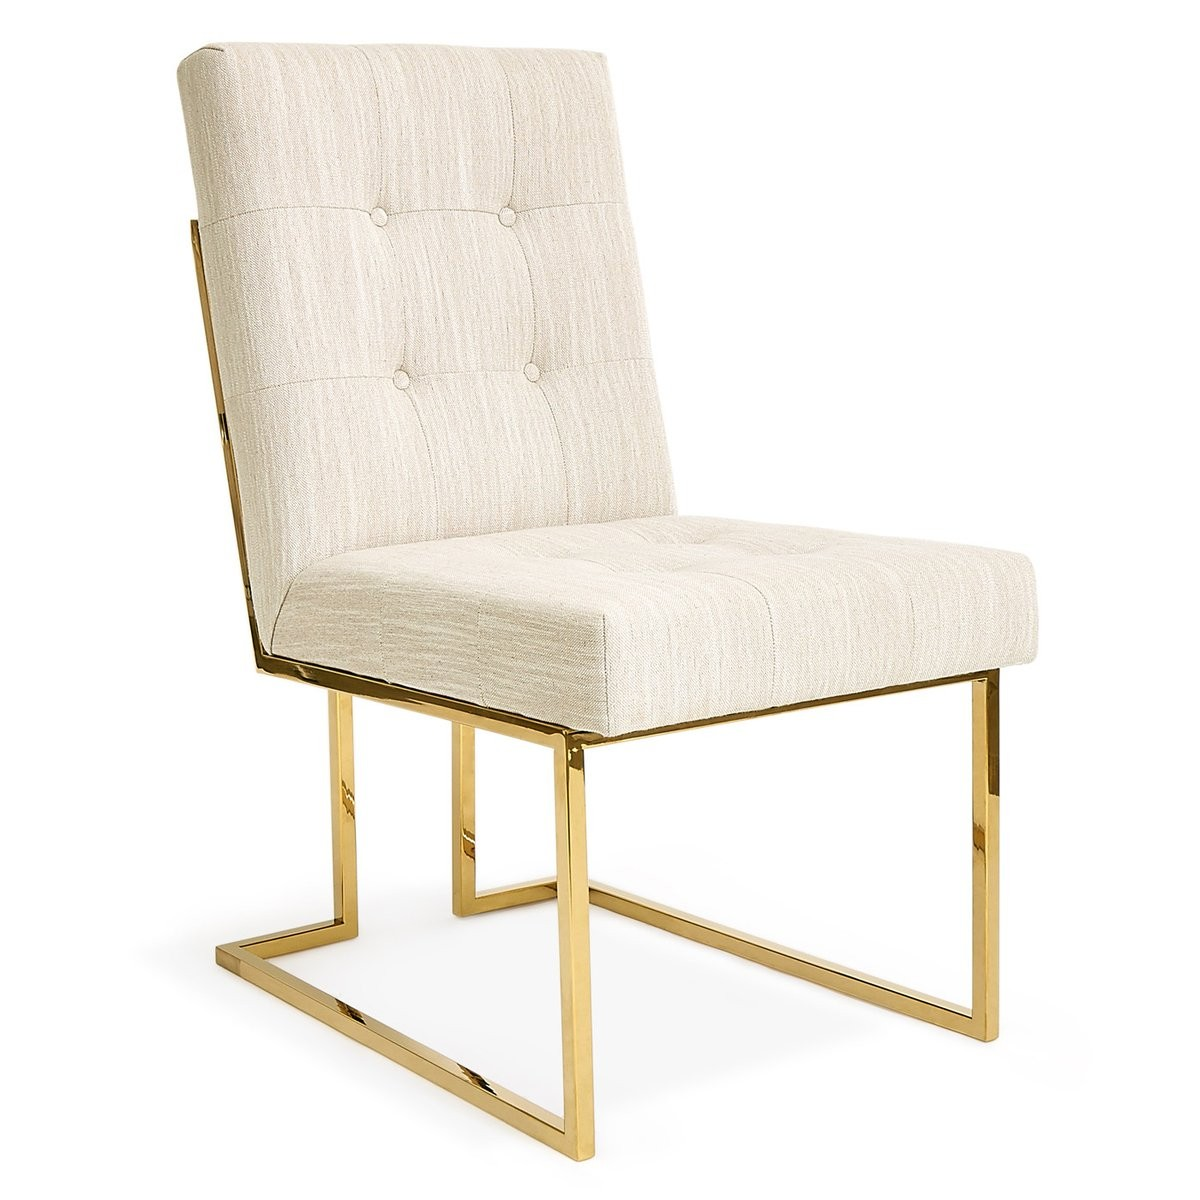 Jonathan Adler I Goldfinger Dining Chair I Romo Oatmeal